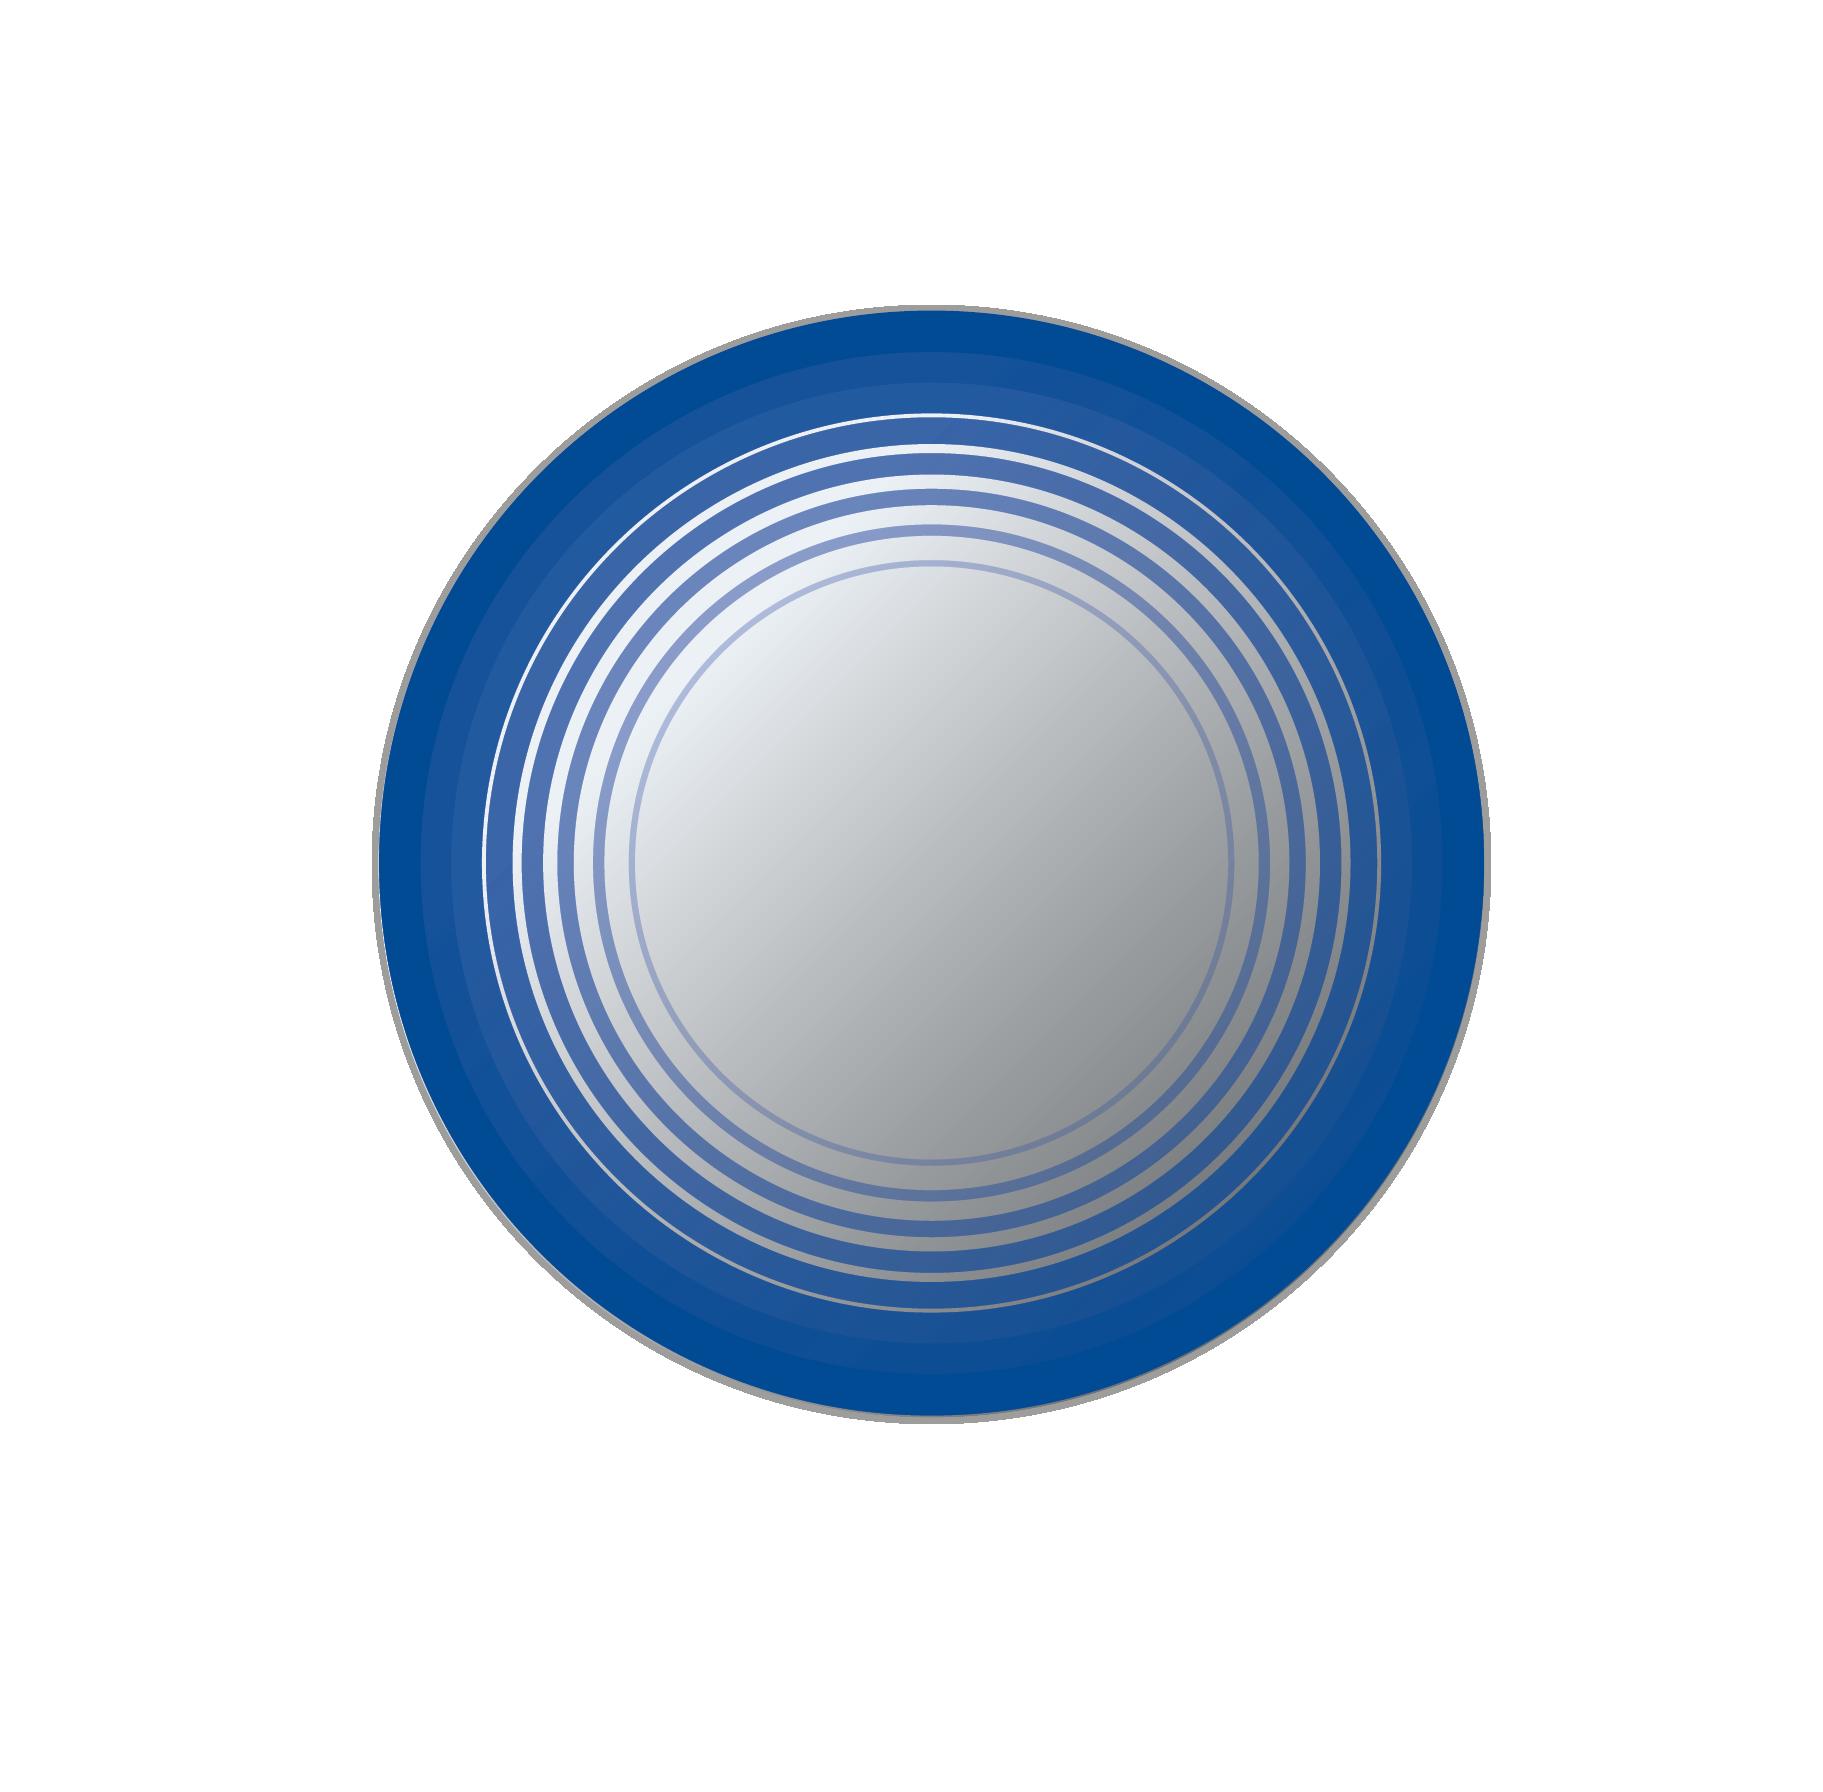 Das Spieth Prinzip mit einem rundum gleichmäßigen Kraftschluss ist effizient, hochpräzise und sicher.